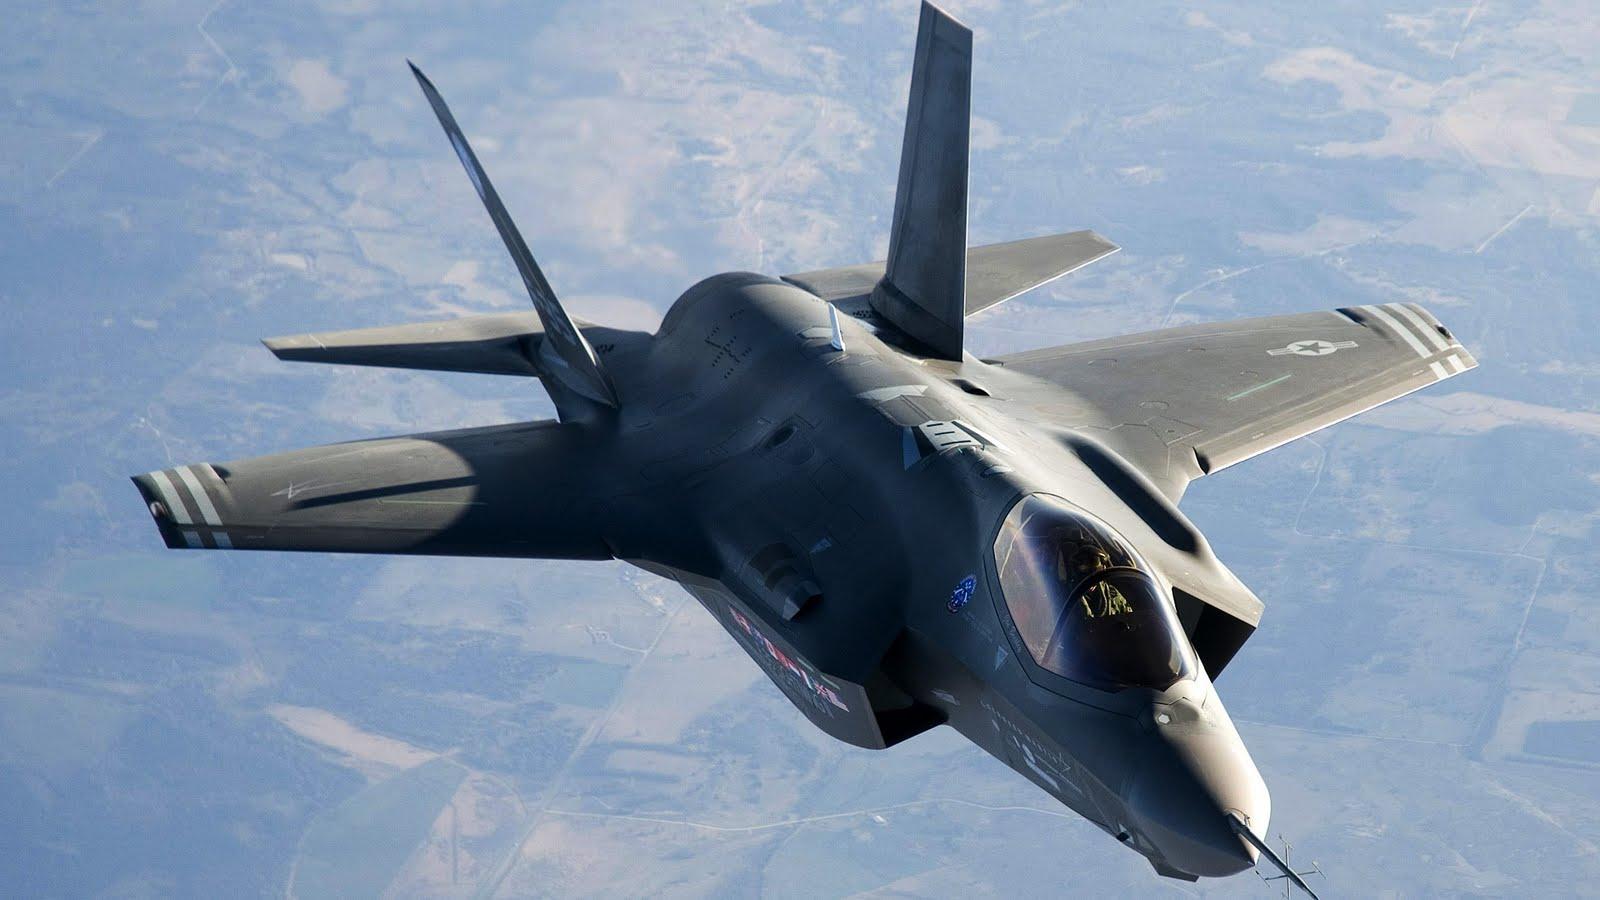 http://1.bp.blogspot.com/-dFda0XVMA7w/Ta3tmm7bGlI/AAAAAAAABus/mR94psXxqTY/s1600/f+35+fighter+jet+by+jet+planes+%25284%2529.jpg